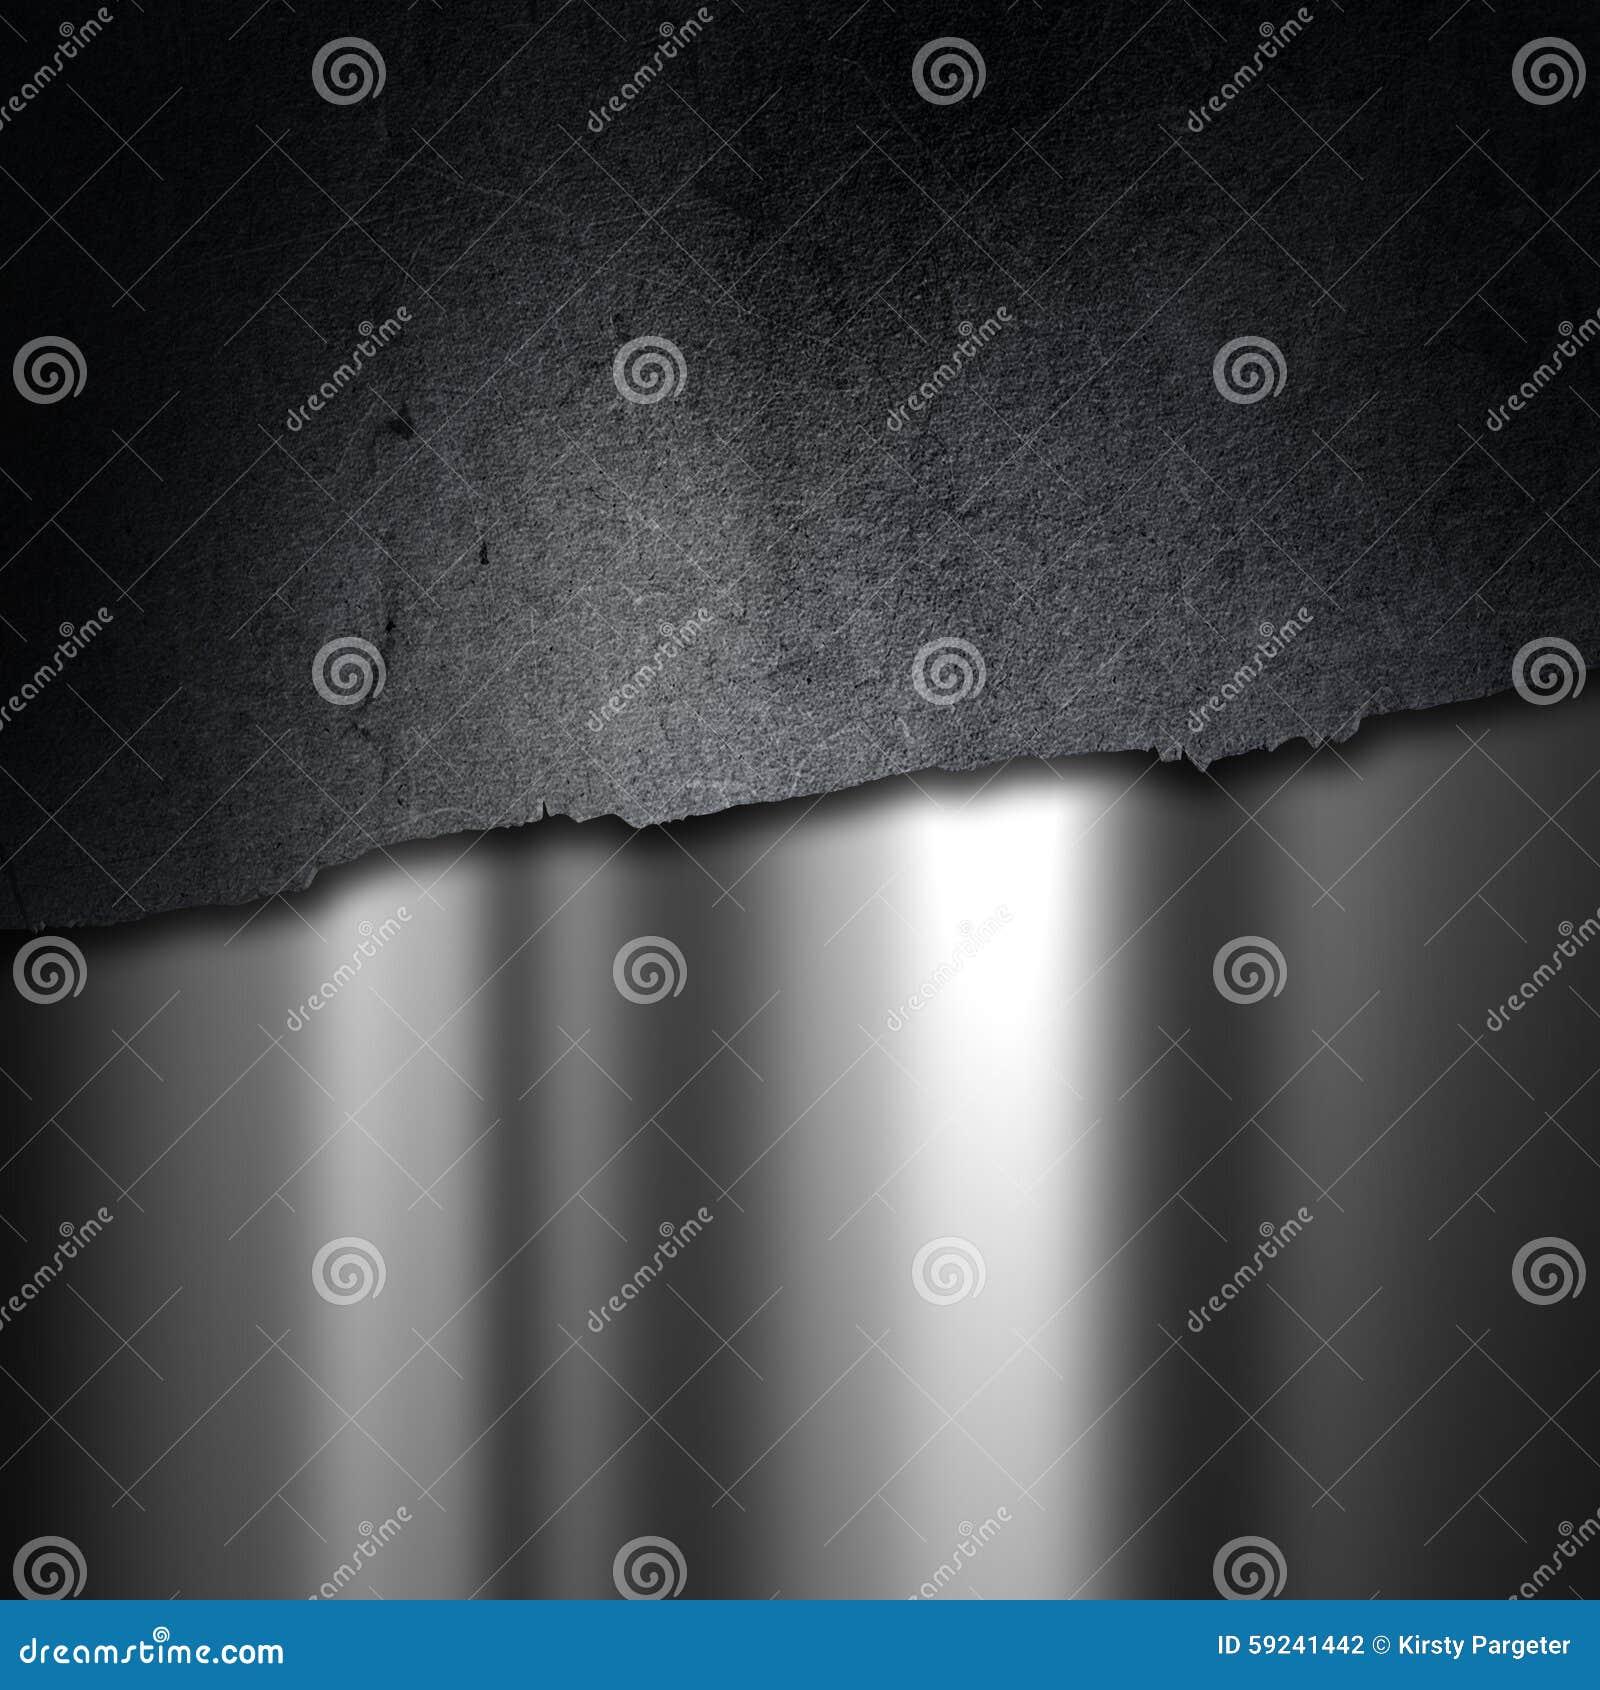 Download Fondo Concreto Y Aplicado Con Brocha De Grunge Del Metal Stock de ilustración - Ilustración de stain, extracto: 59241442